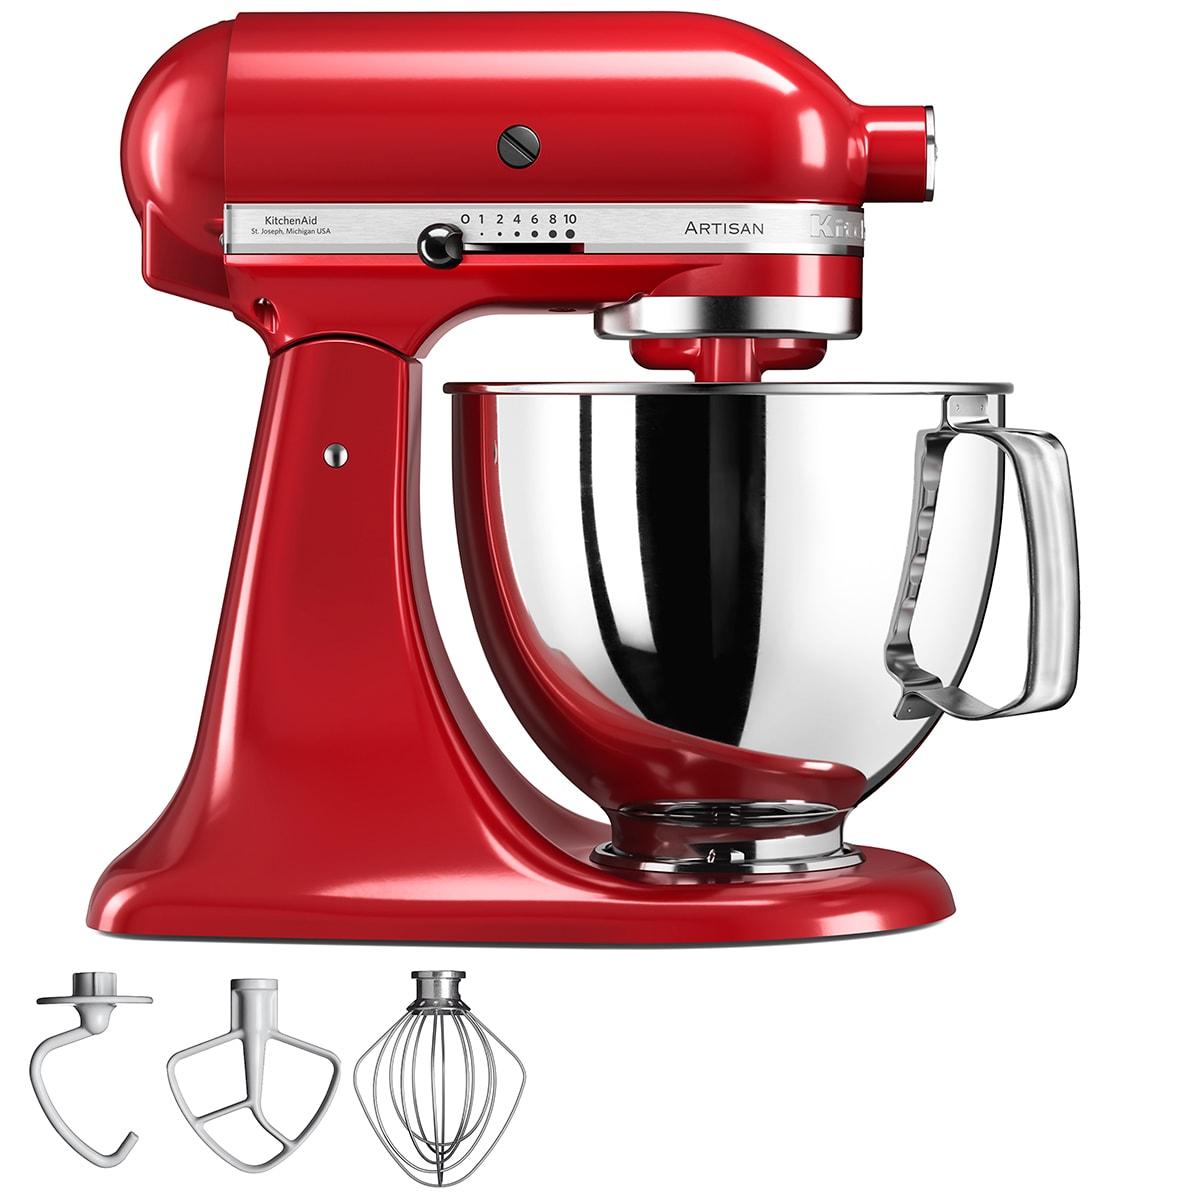 Ikonisk køkkenmaskine med 4,8-liters røreskål